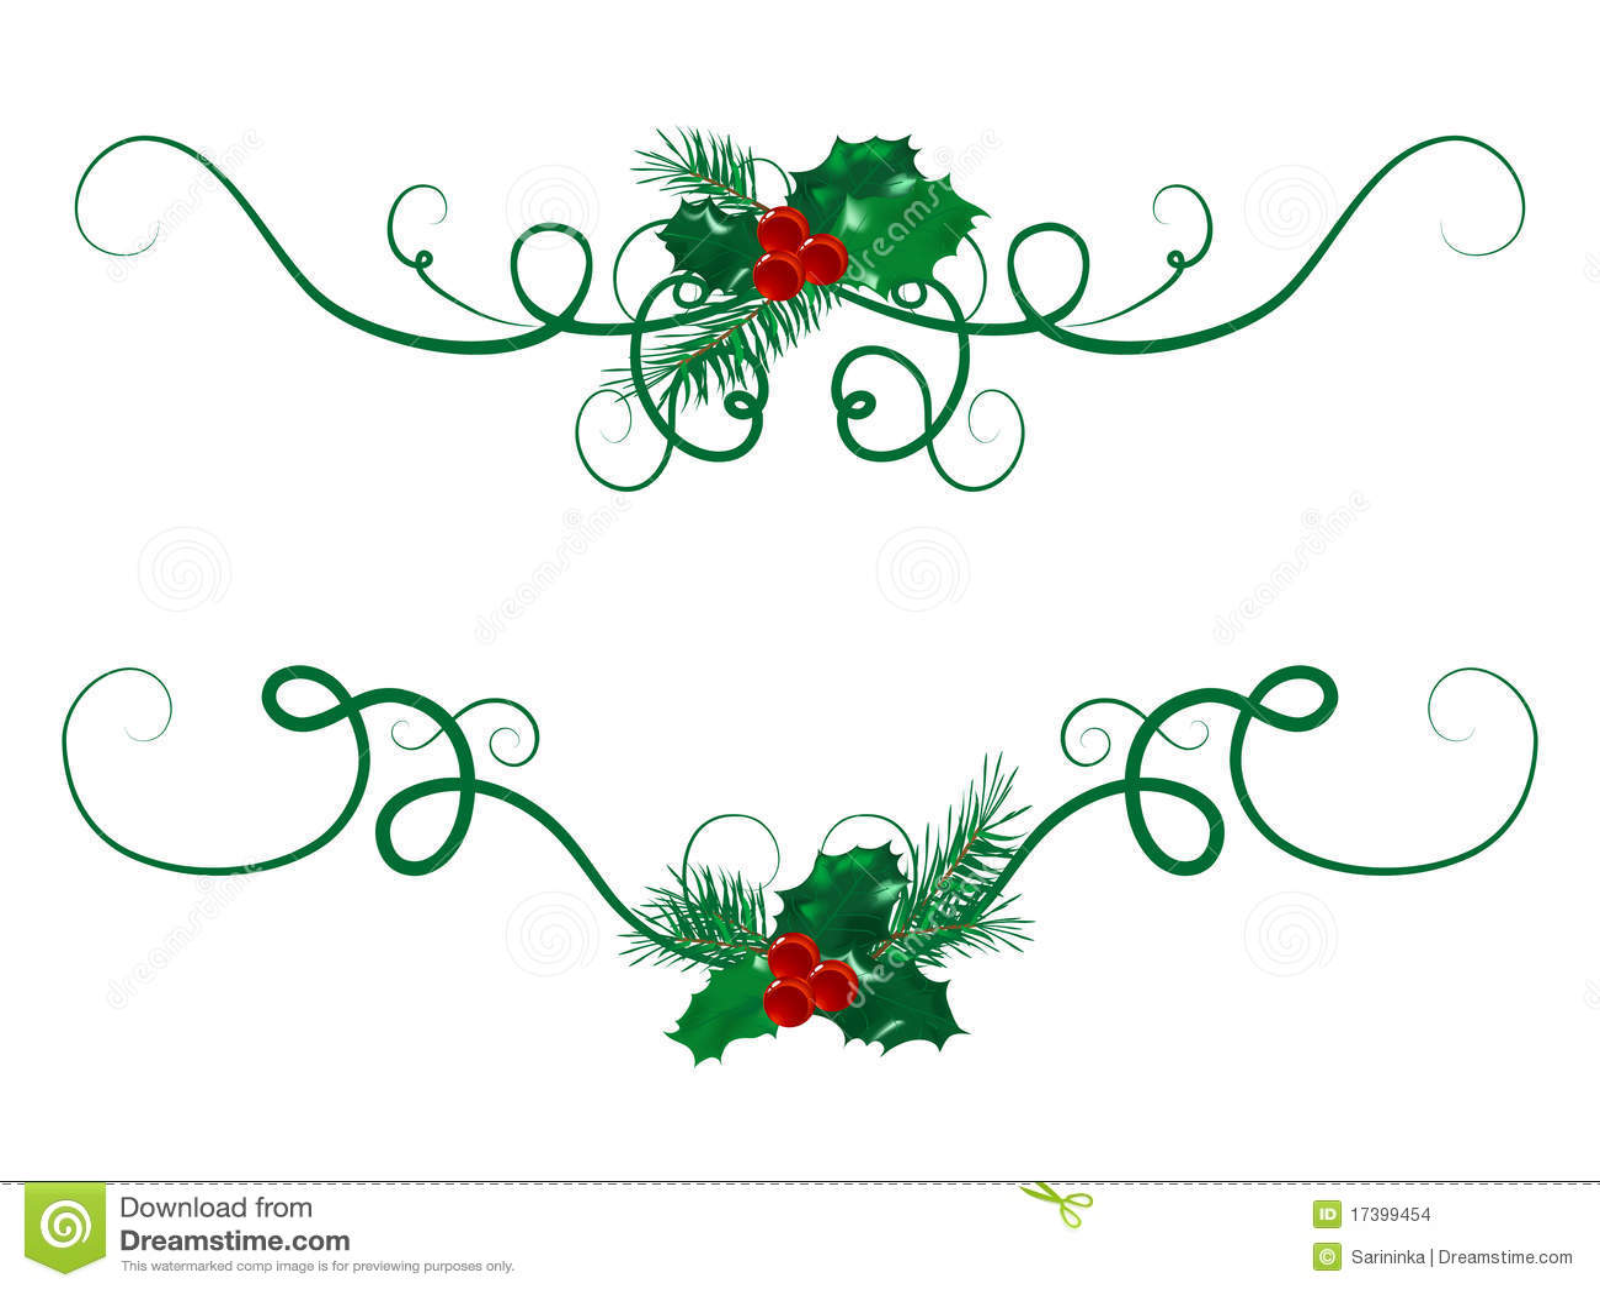 guirnaldas de la navidad - Guirnaldas De Navidad